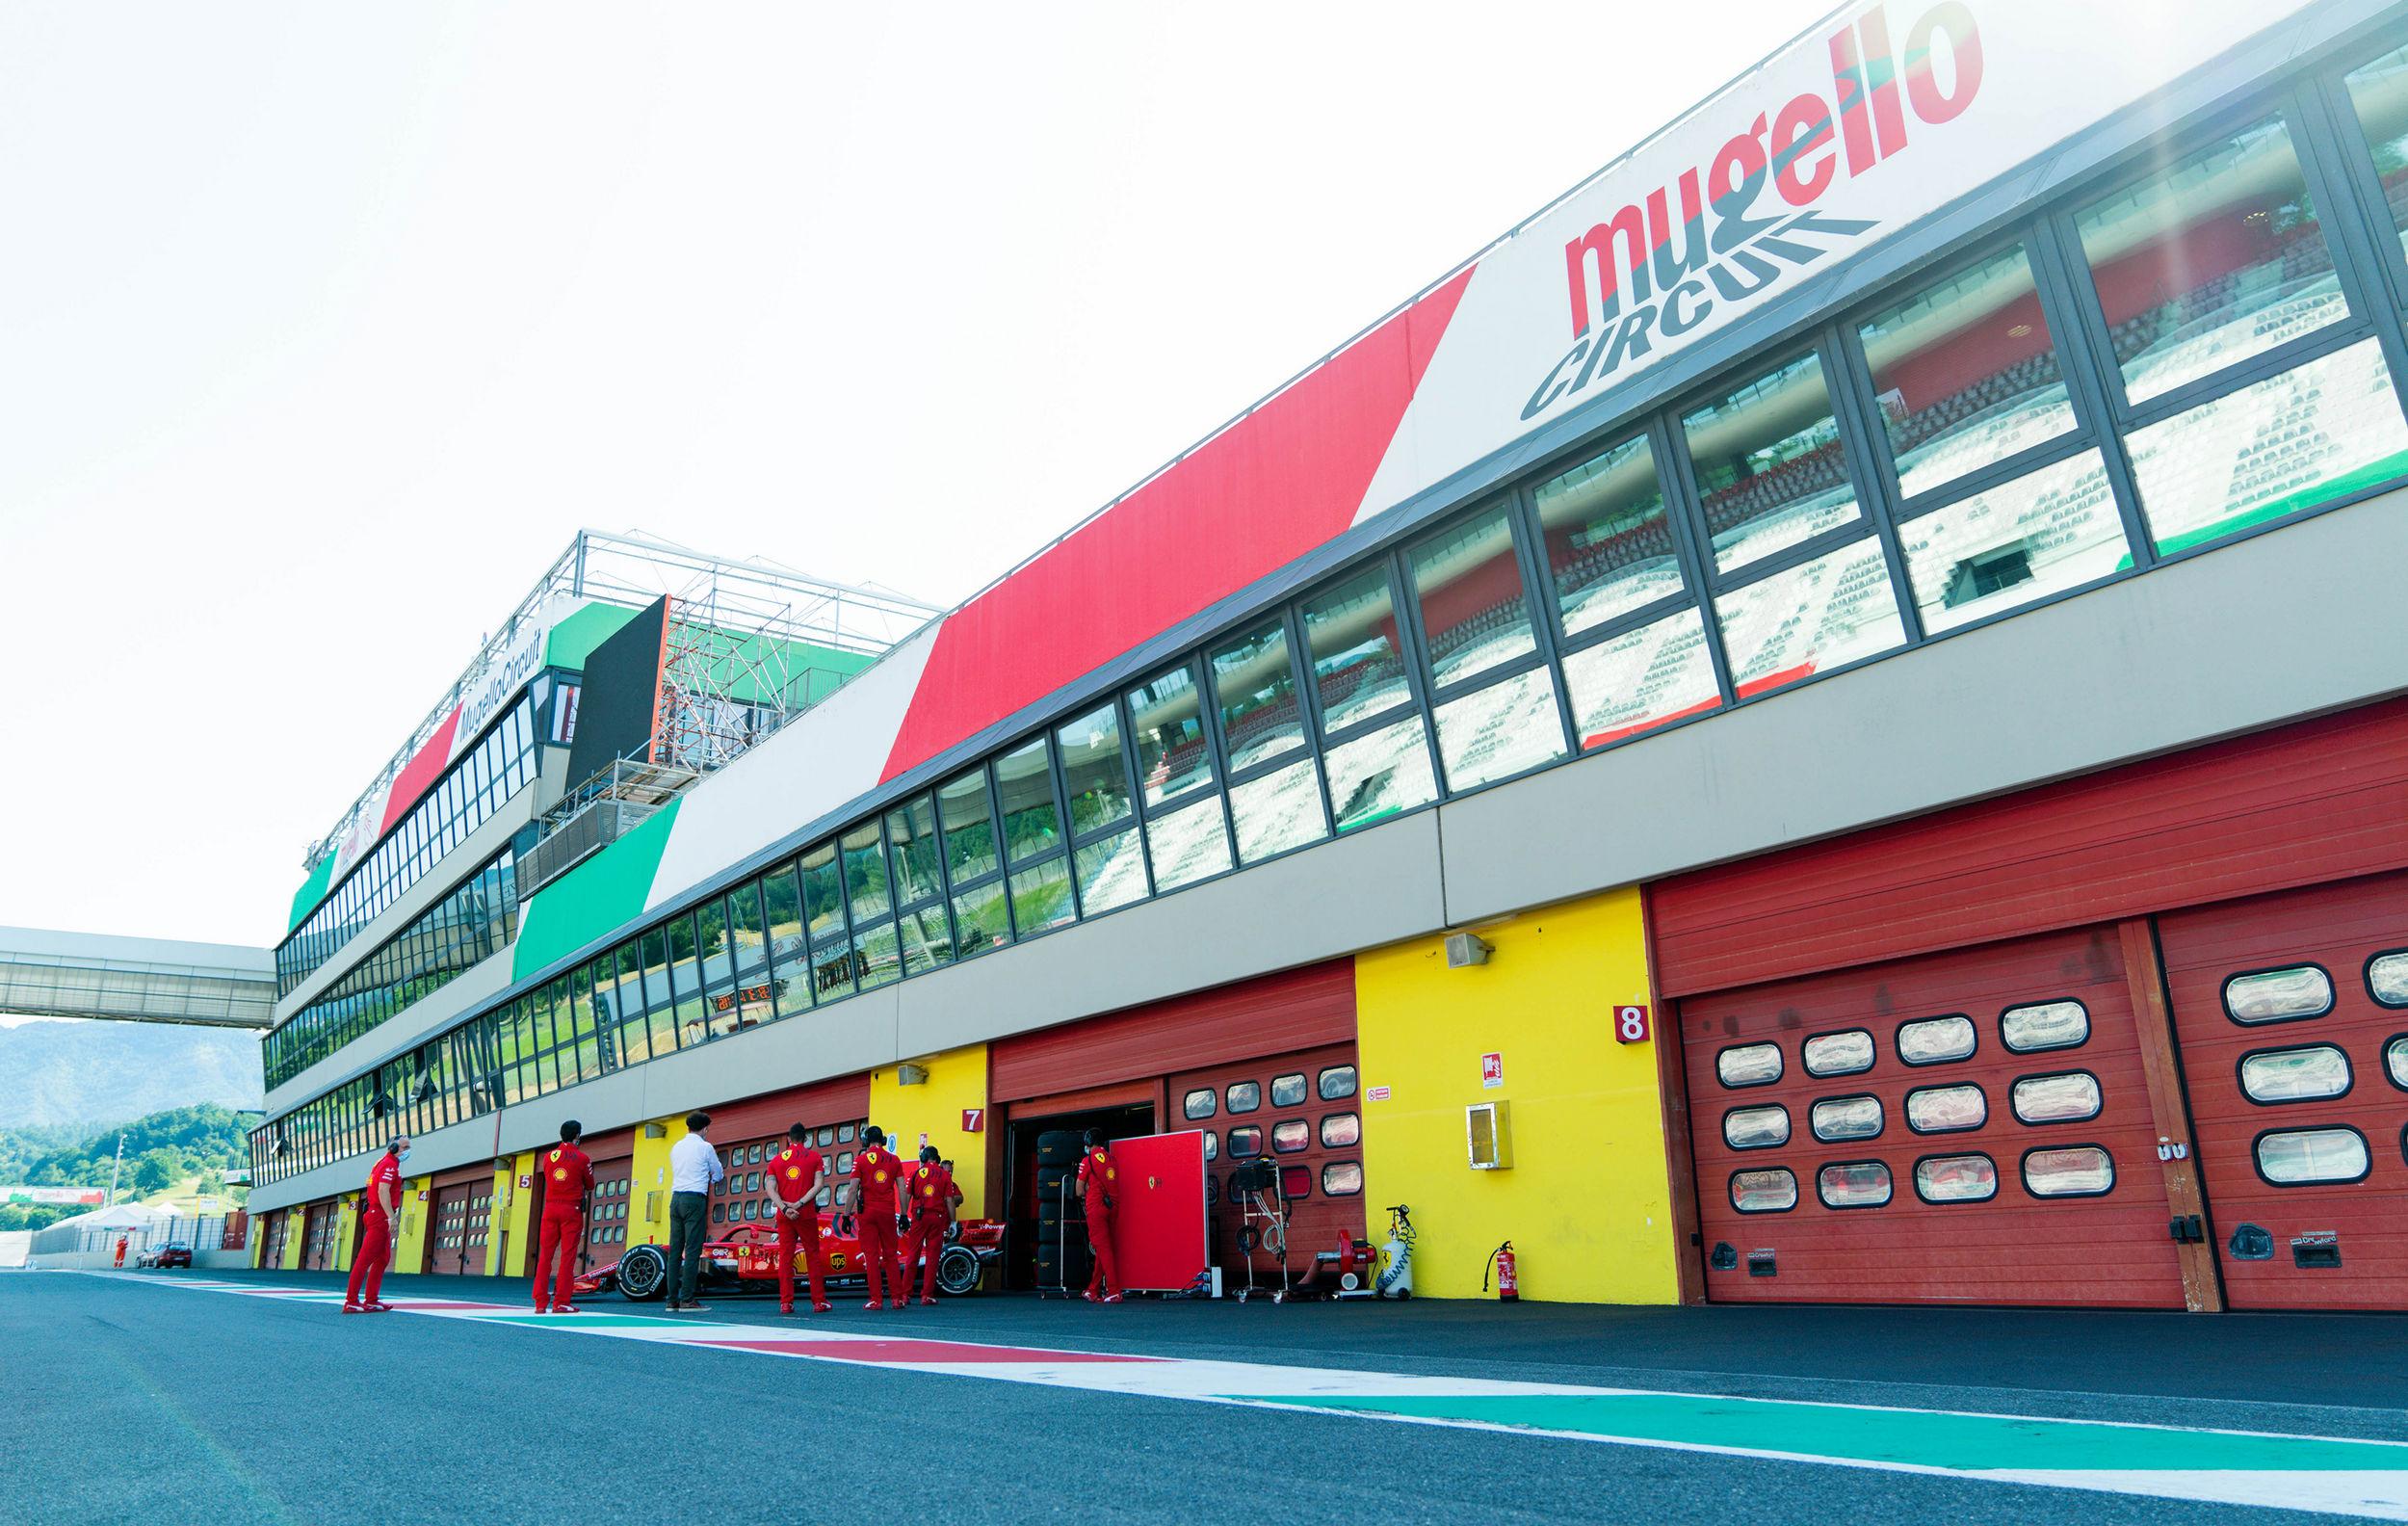 F1 - Mugello